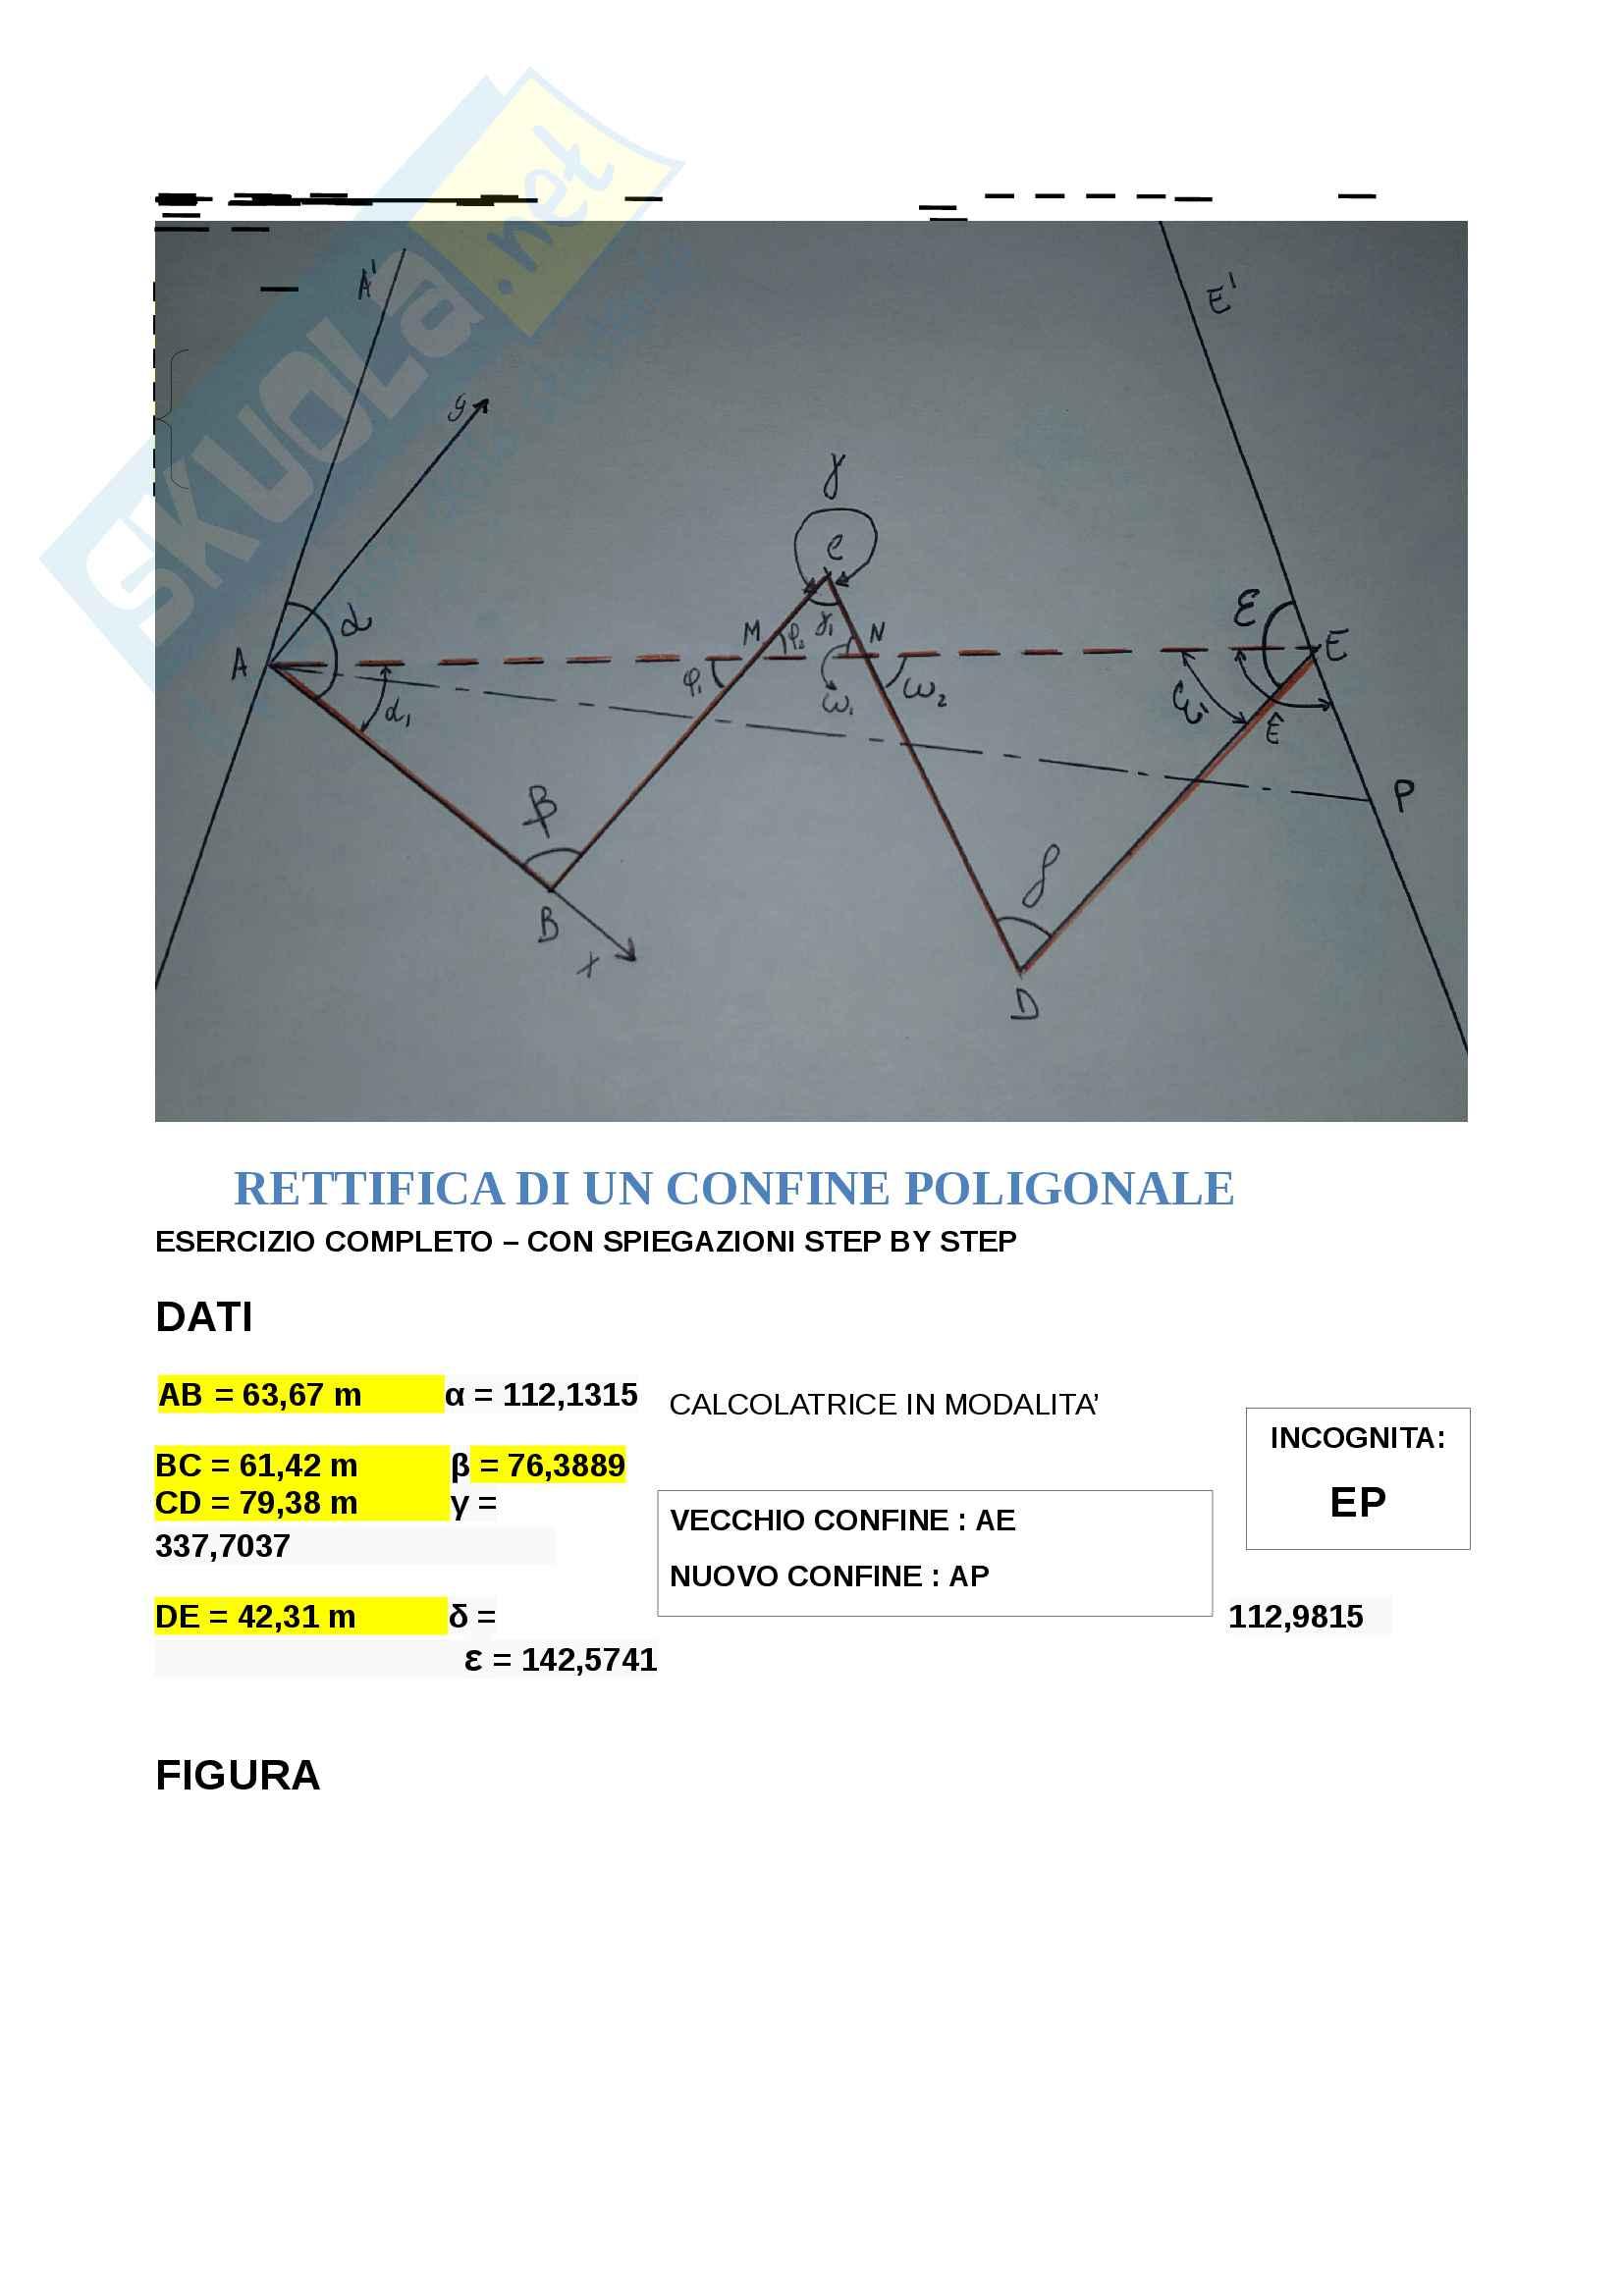 Rettifica di un confine poligonale - Esercizio completo con spiegazione Step by Step